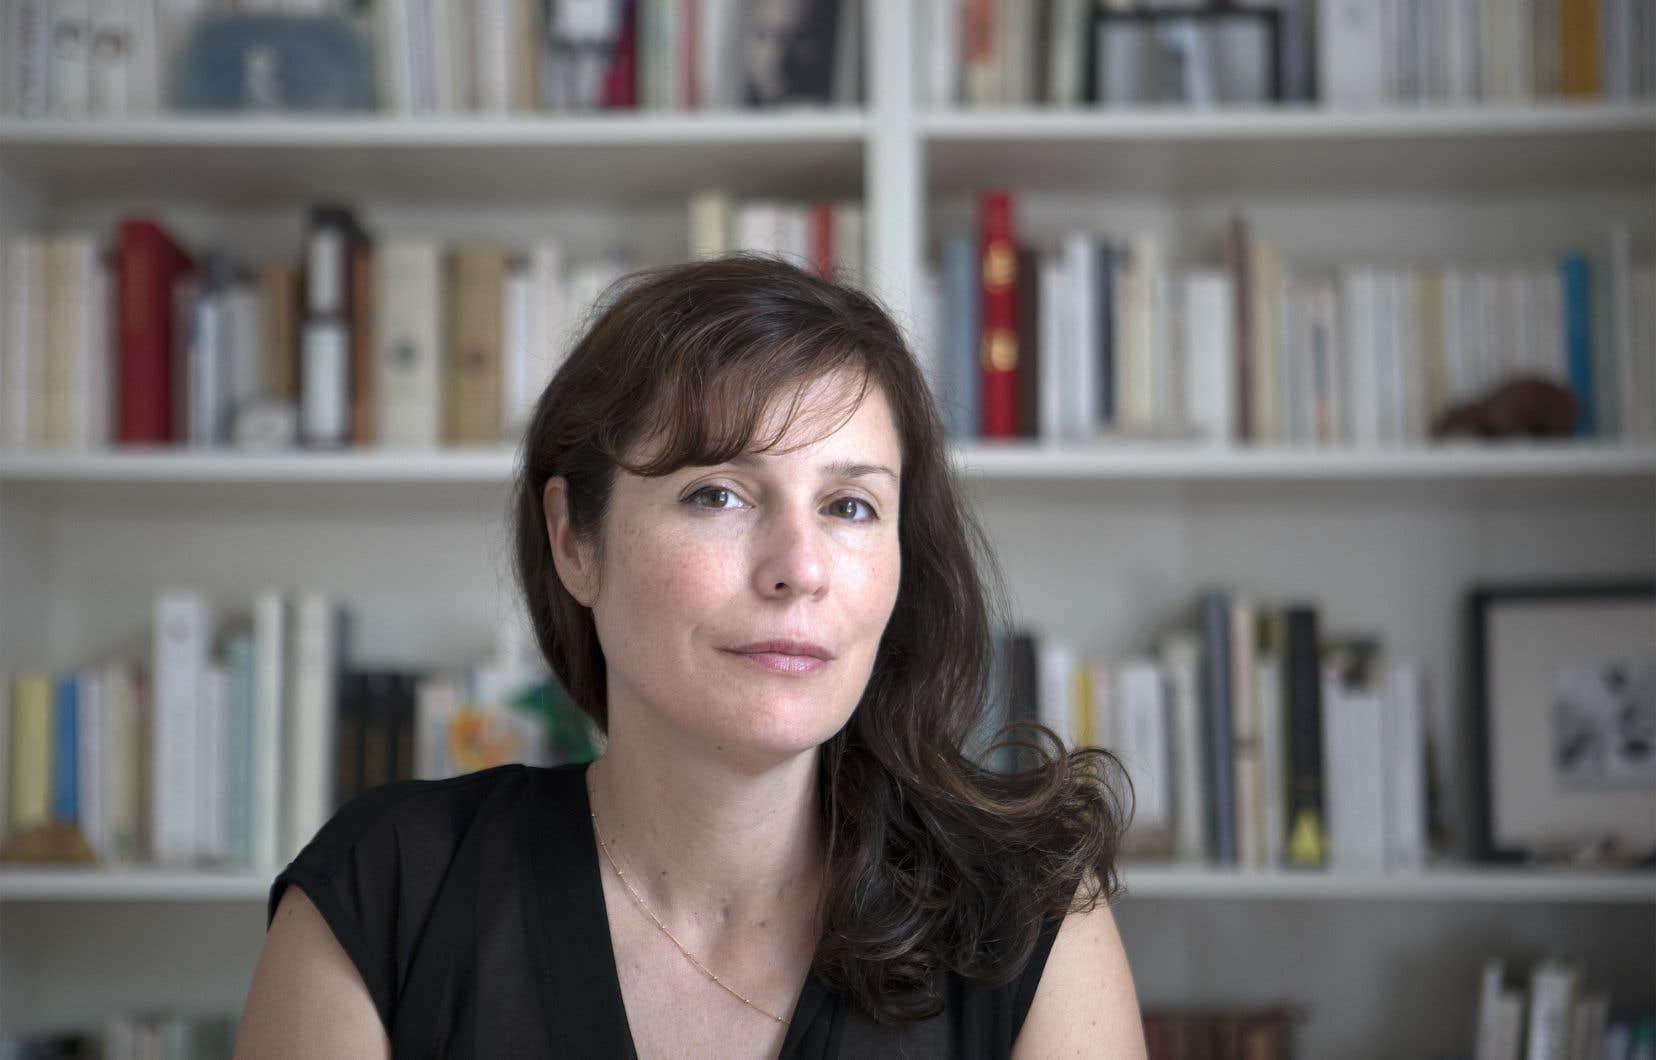 L'autrice québécoise Dominique Fortier